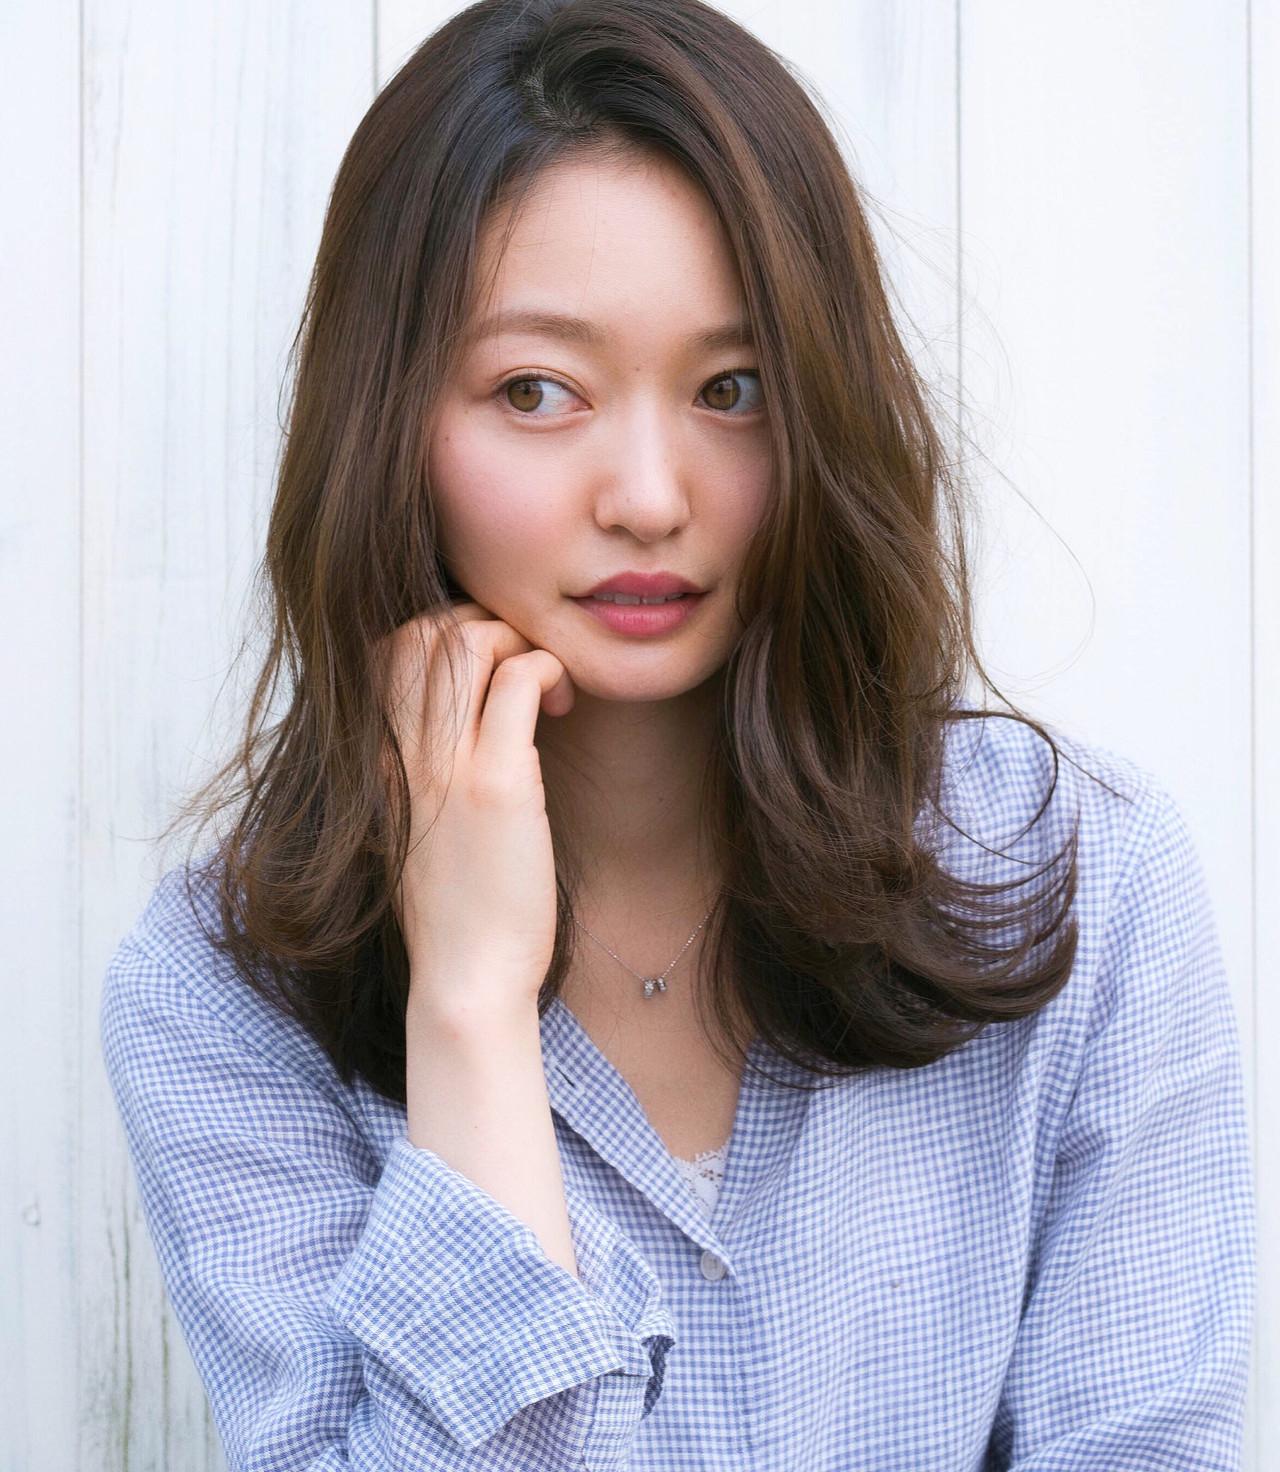 ヘアアレンジ デート モテ髪 モテ髮シルエット ヘアスタイルや髪型の写真・画像 | ニシモリ ショウヘイ / 583koyomi